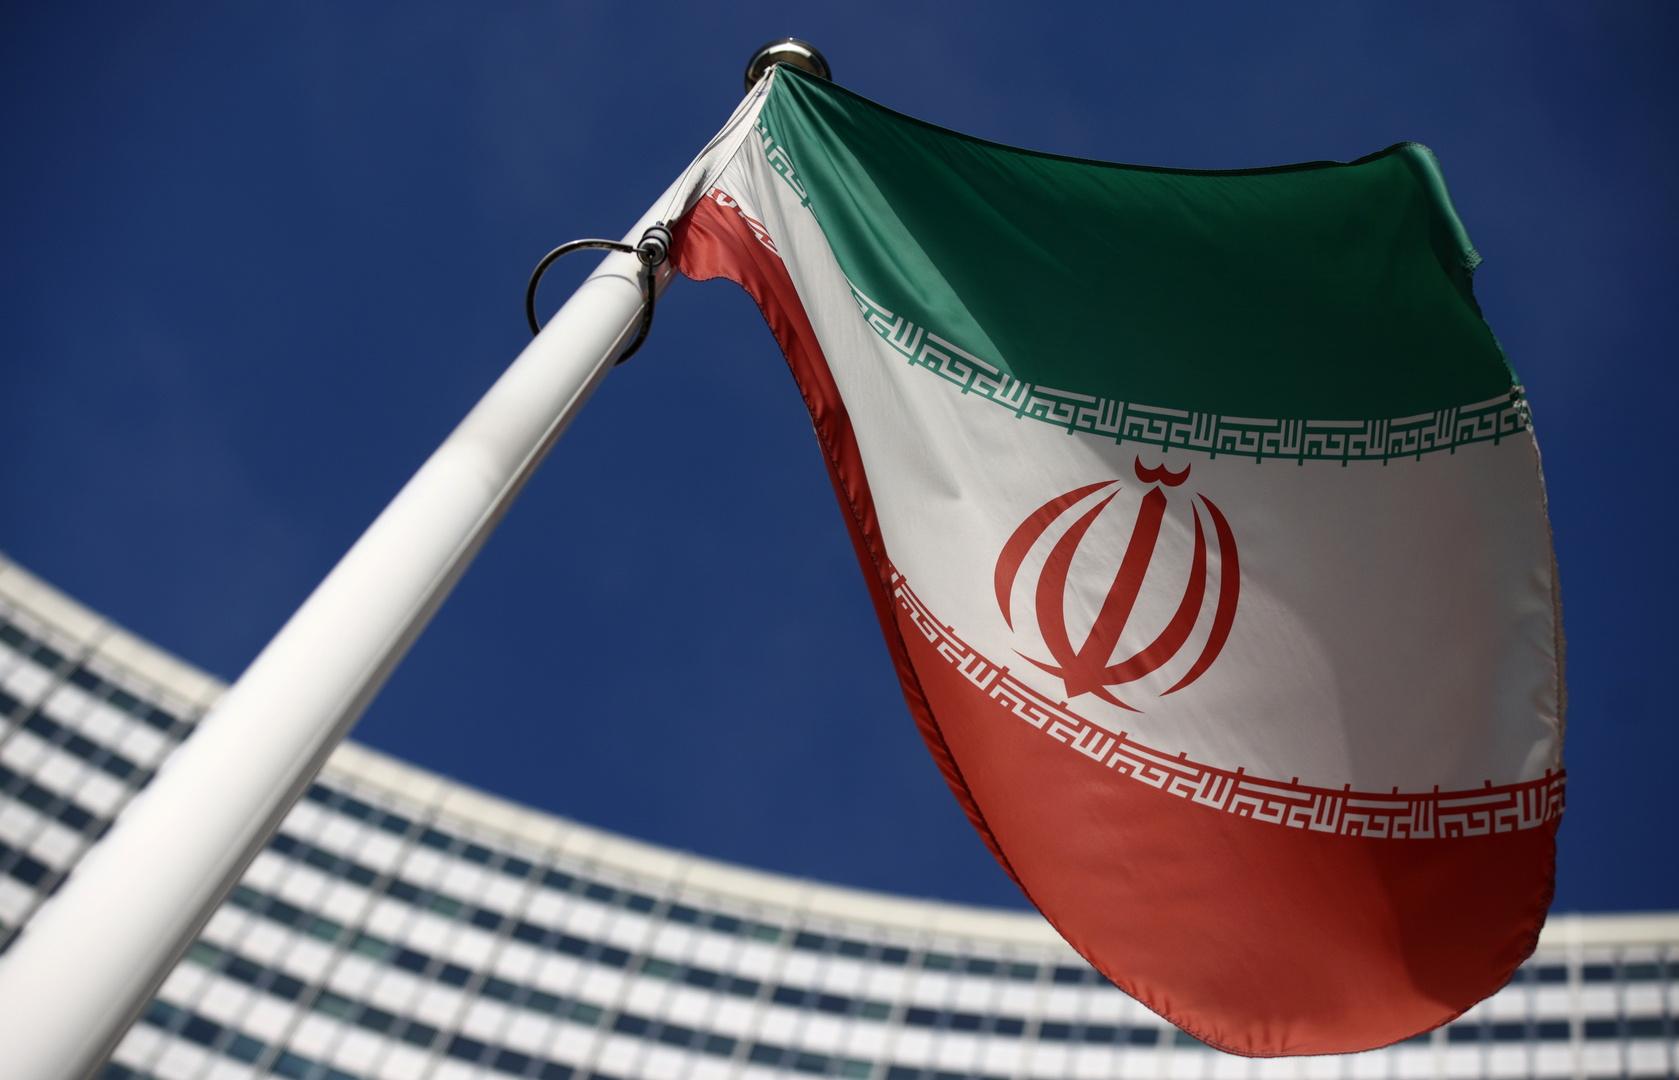 طهران: لم نتلق دعوة من الأمم المتحدة بشأن اجتماع حول أفغانستان والدبلوماسية مسار أفضل للاتفاق النووي